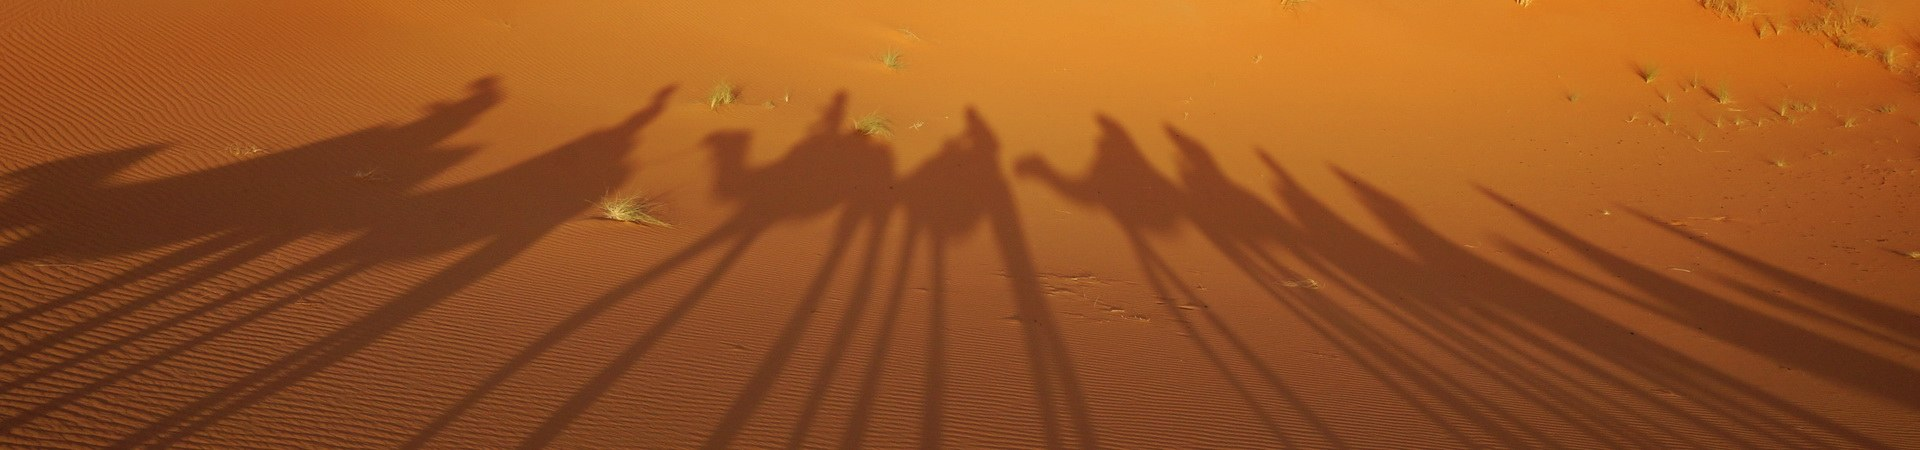 Kamelschatten in der omanischen Wüste.